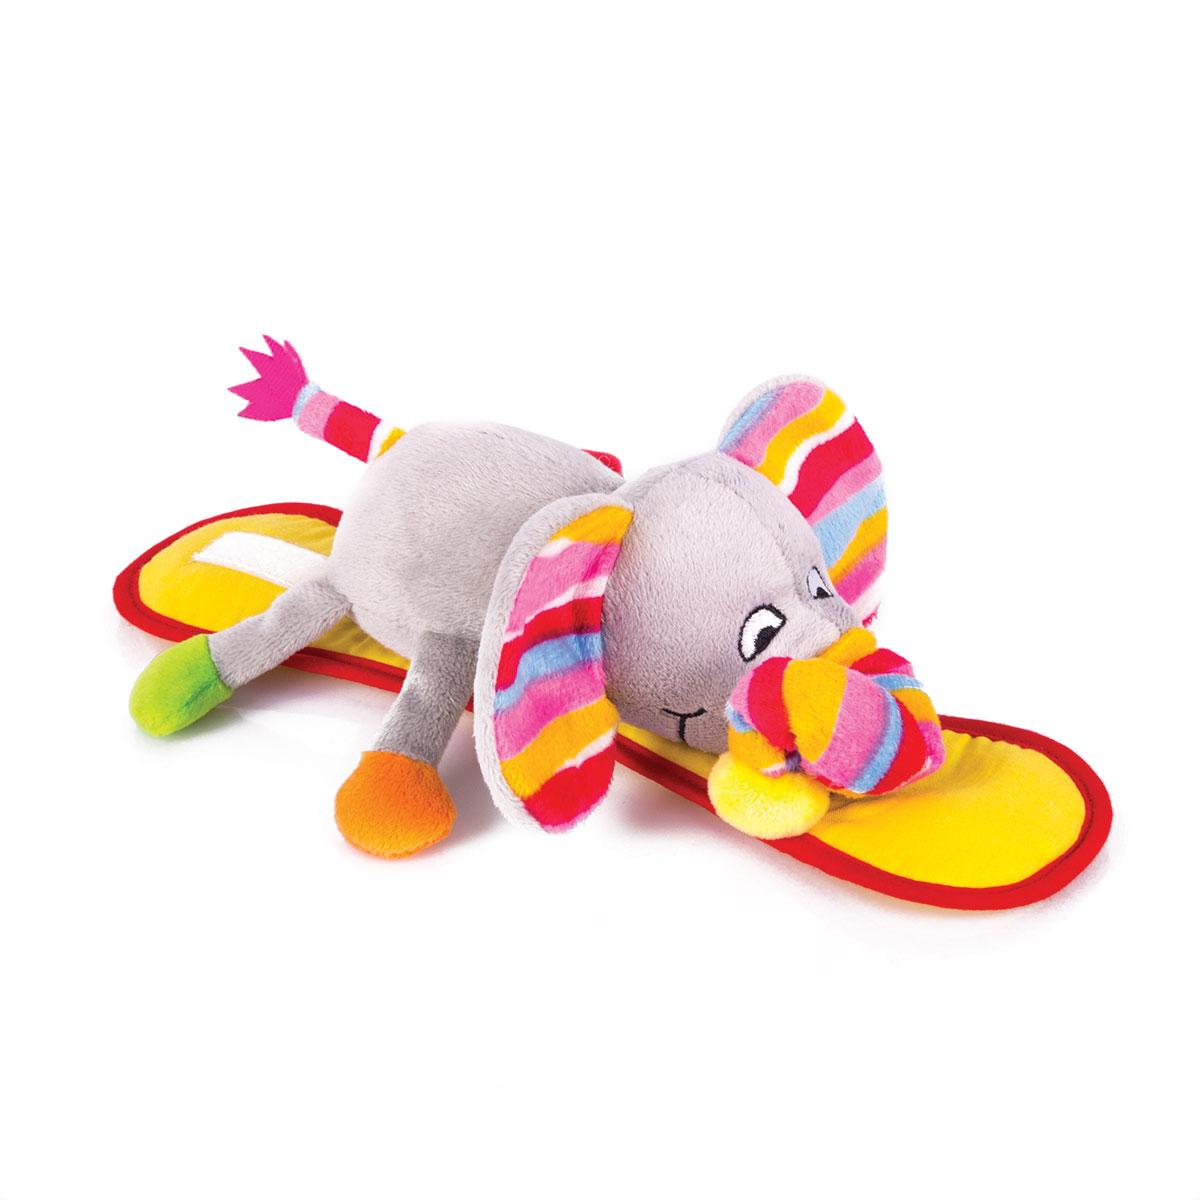 Happy Snail Развивающая игрушка Слоник Джамбо